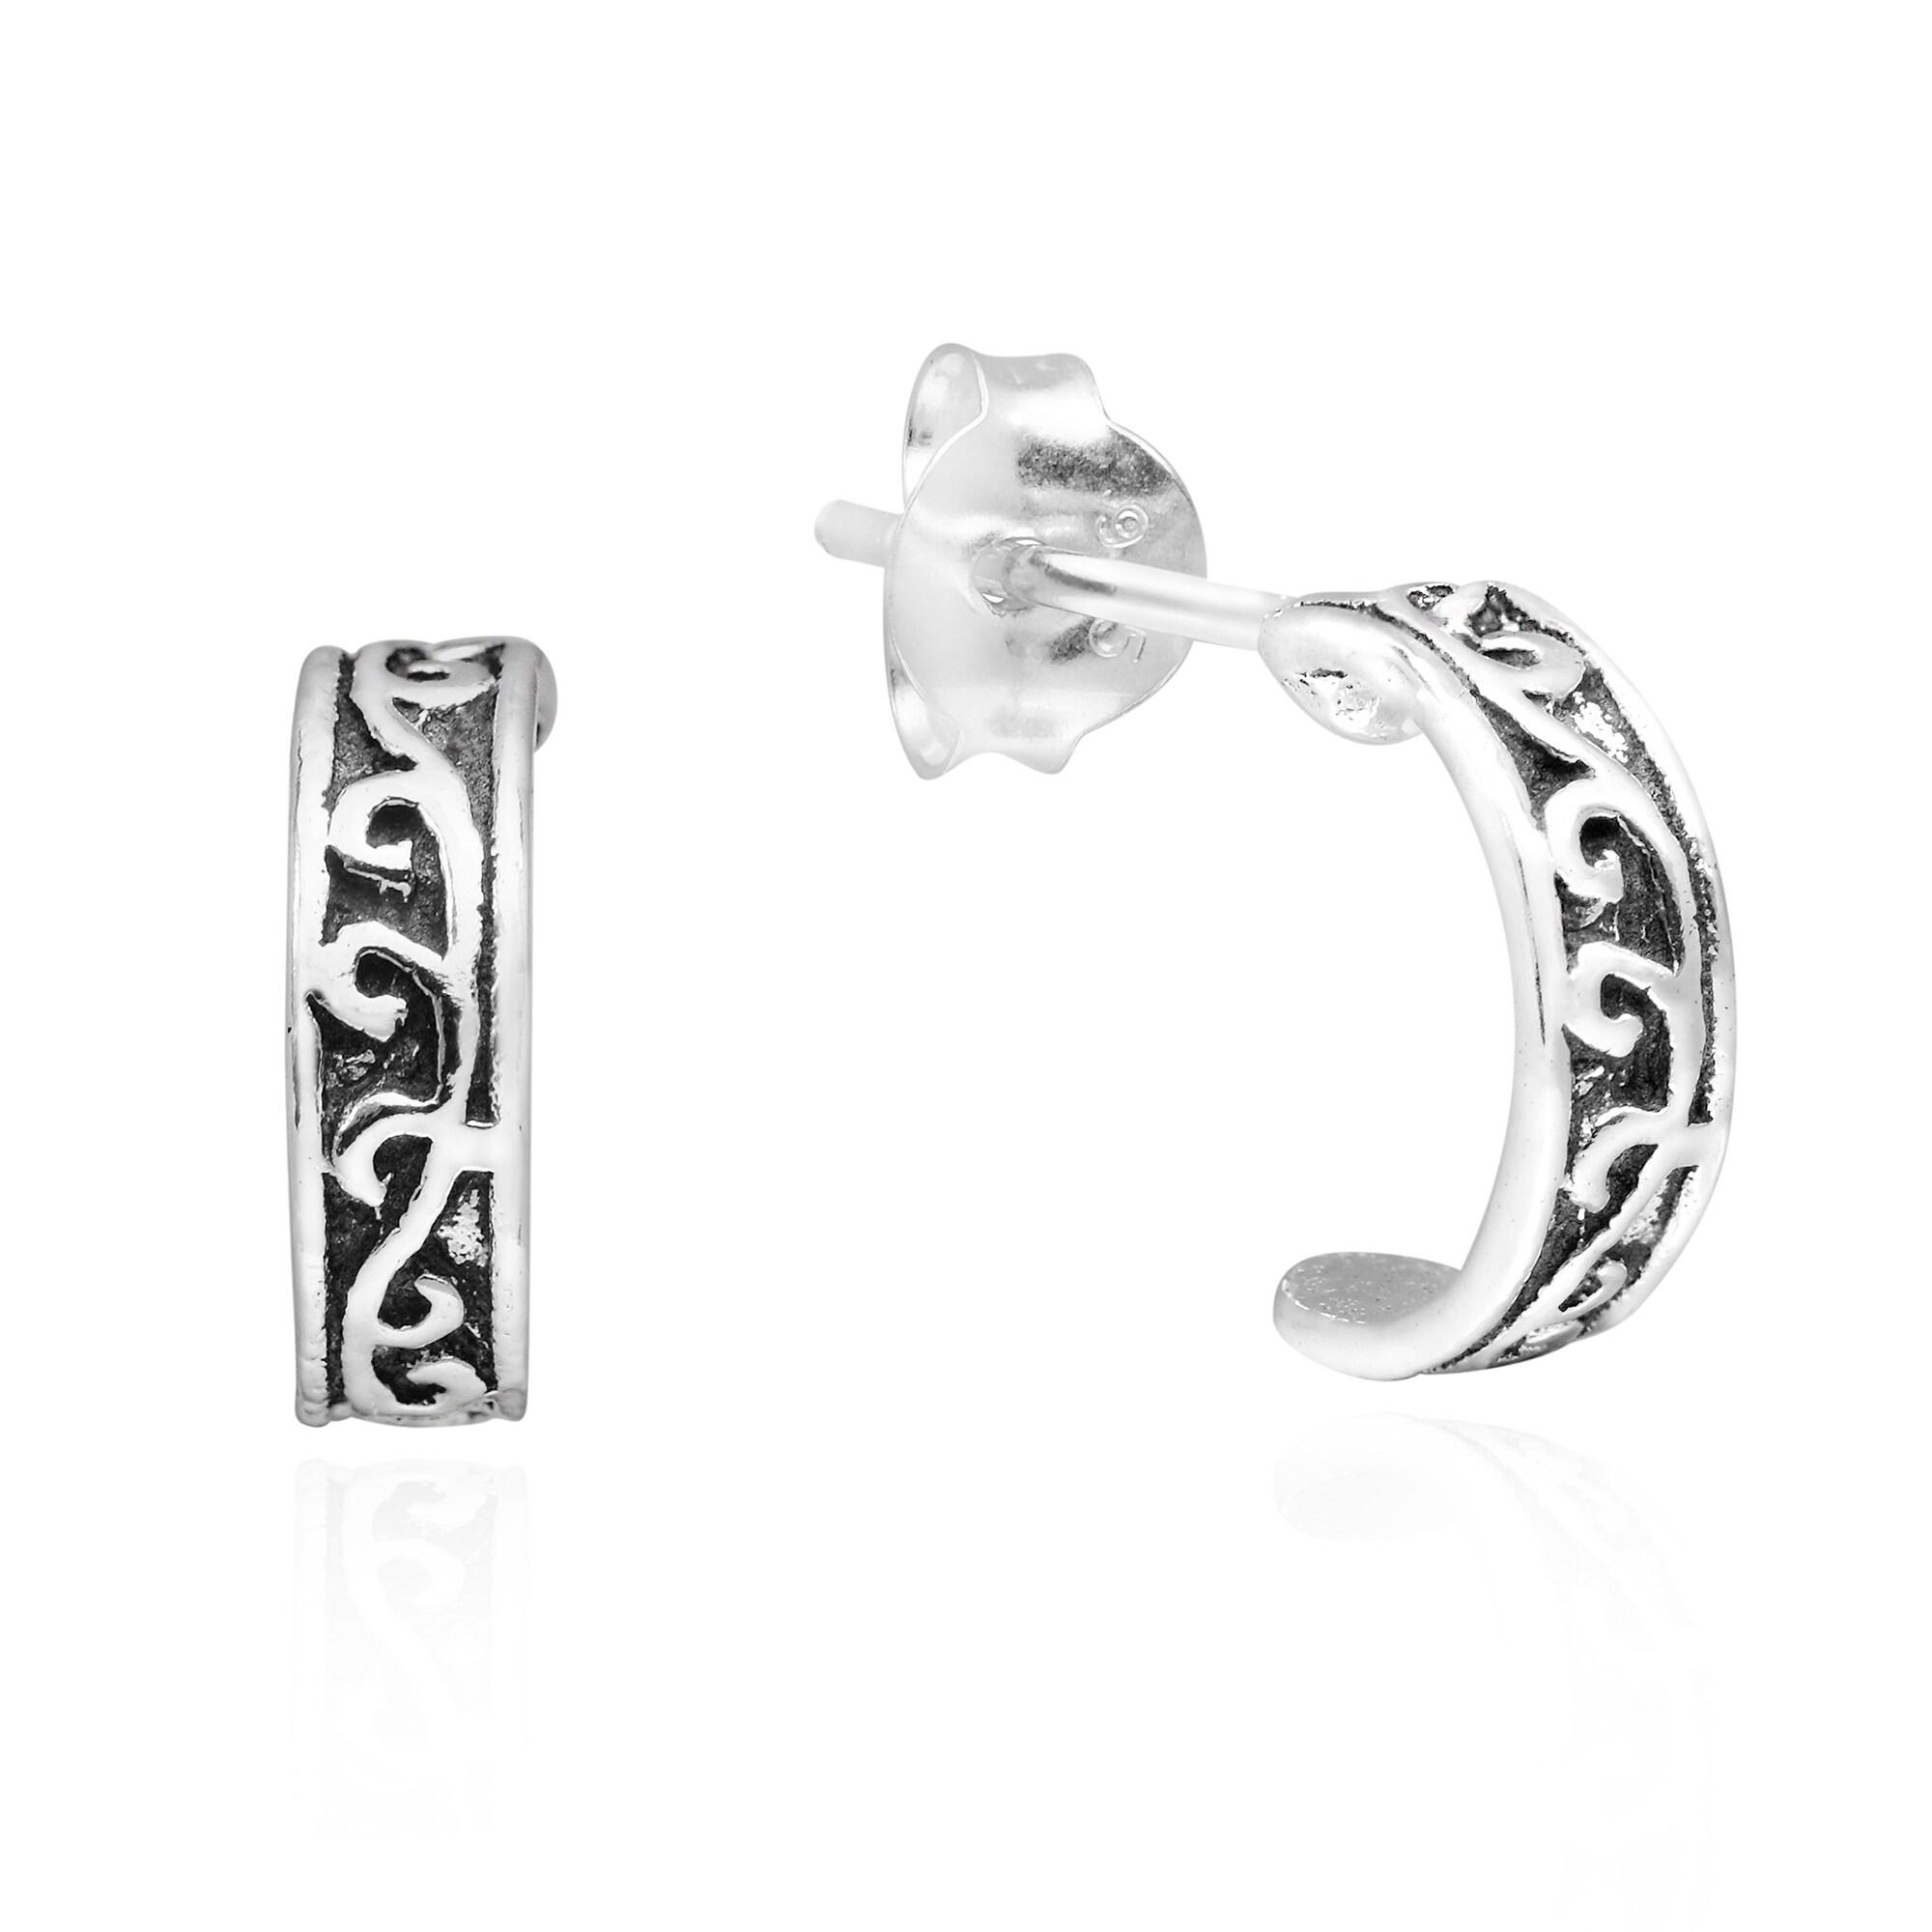 925 Sterling Silver Twisted Half Hoop Design Stud Earrings